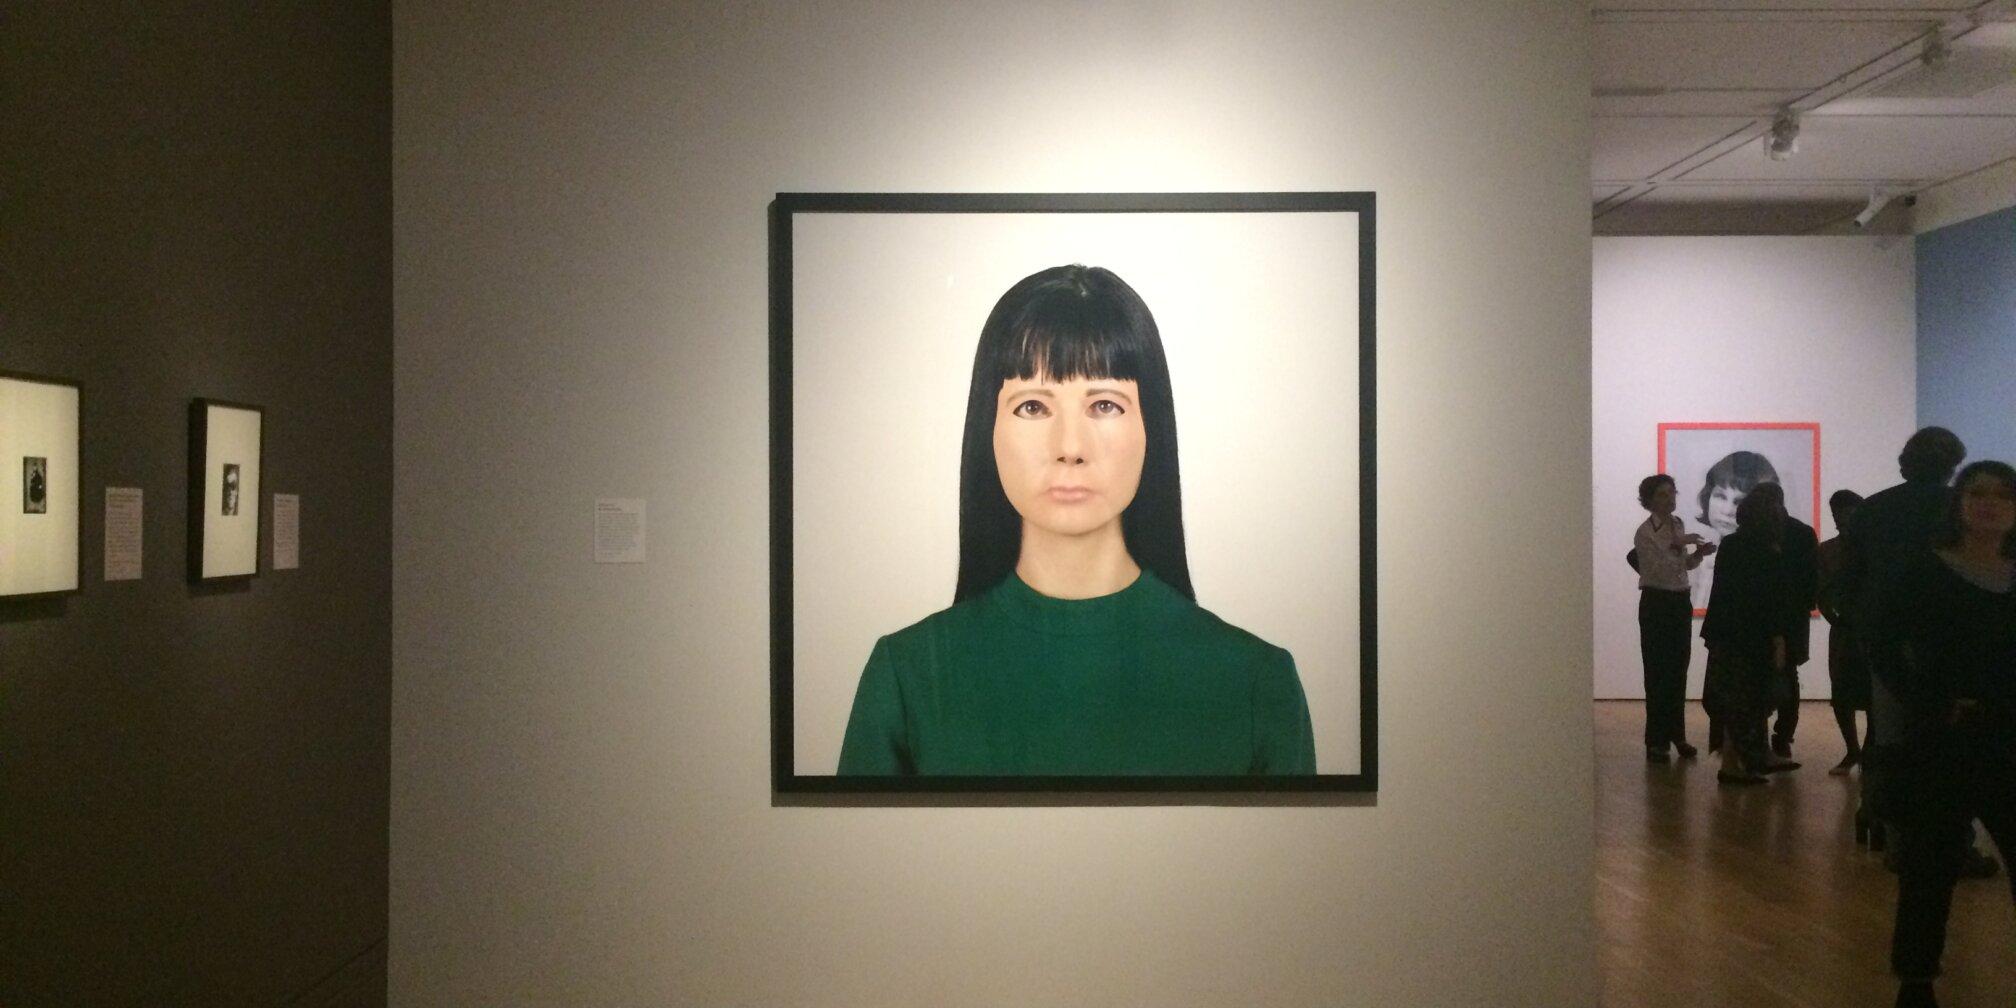 Gillian Wearing, Self Portrait, 2000. Installation view Gillian Wearing and Claude Cahun, National Portrait Gallery, London, 2017